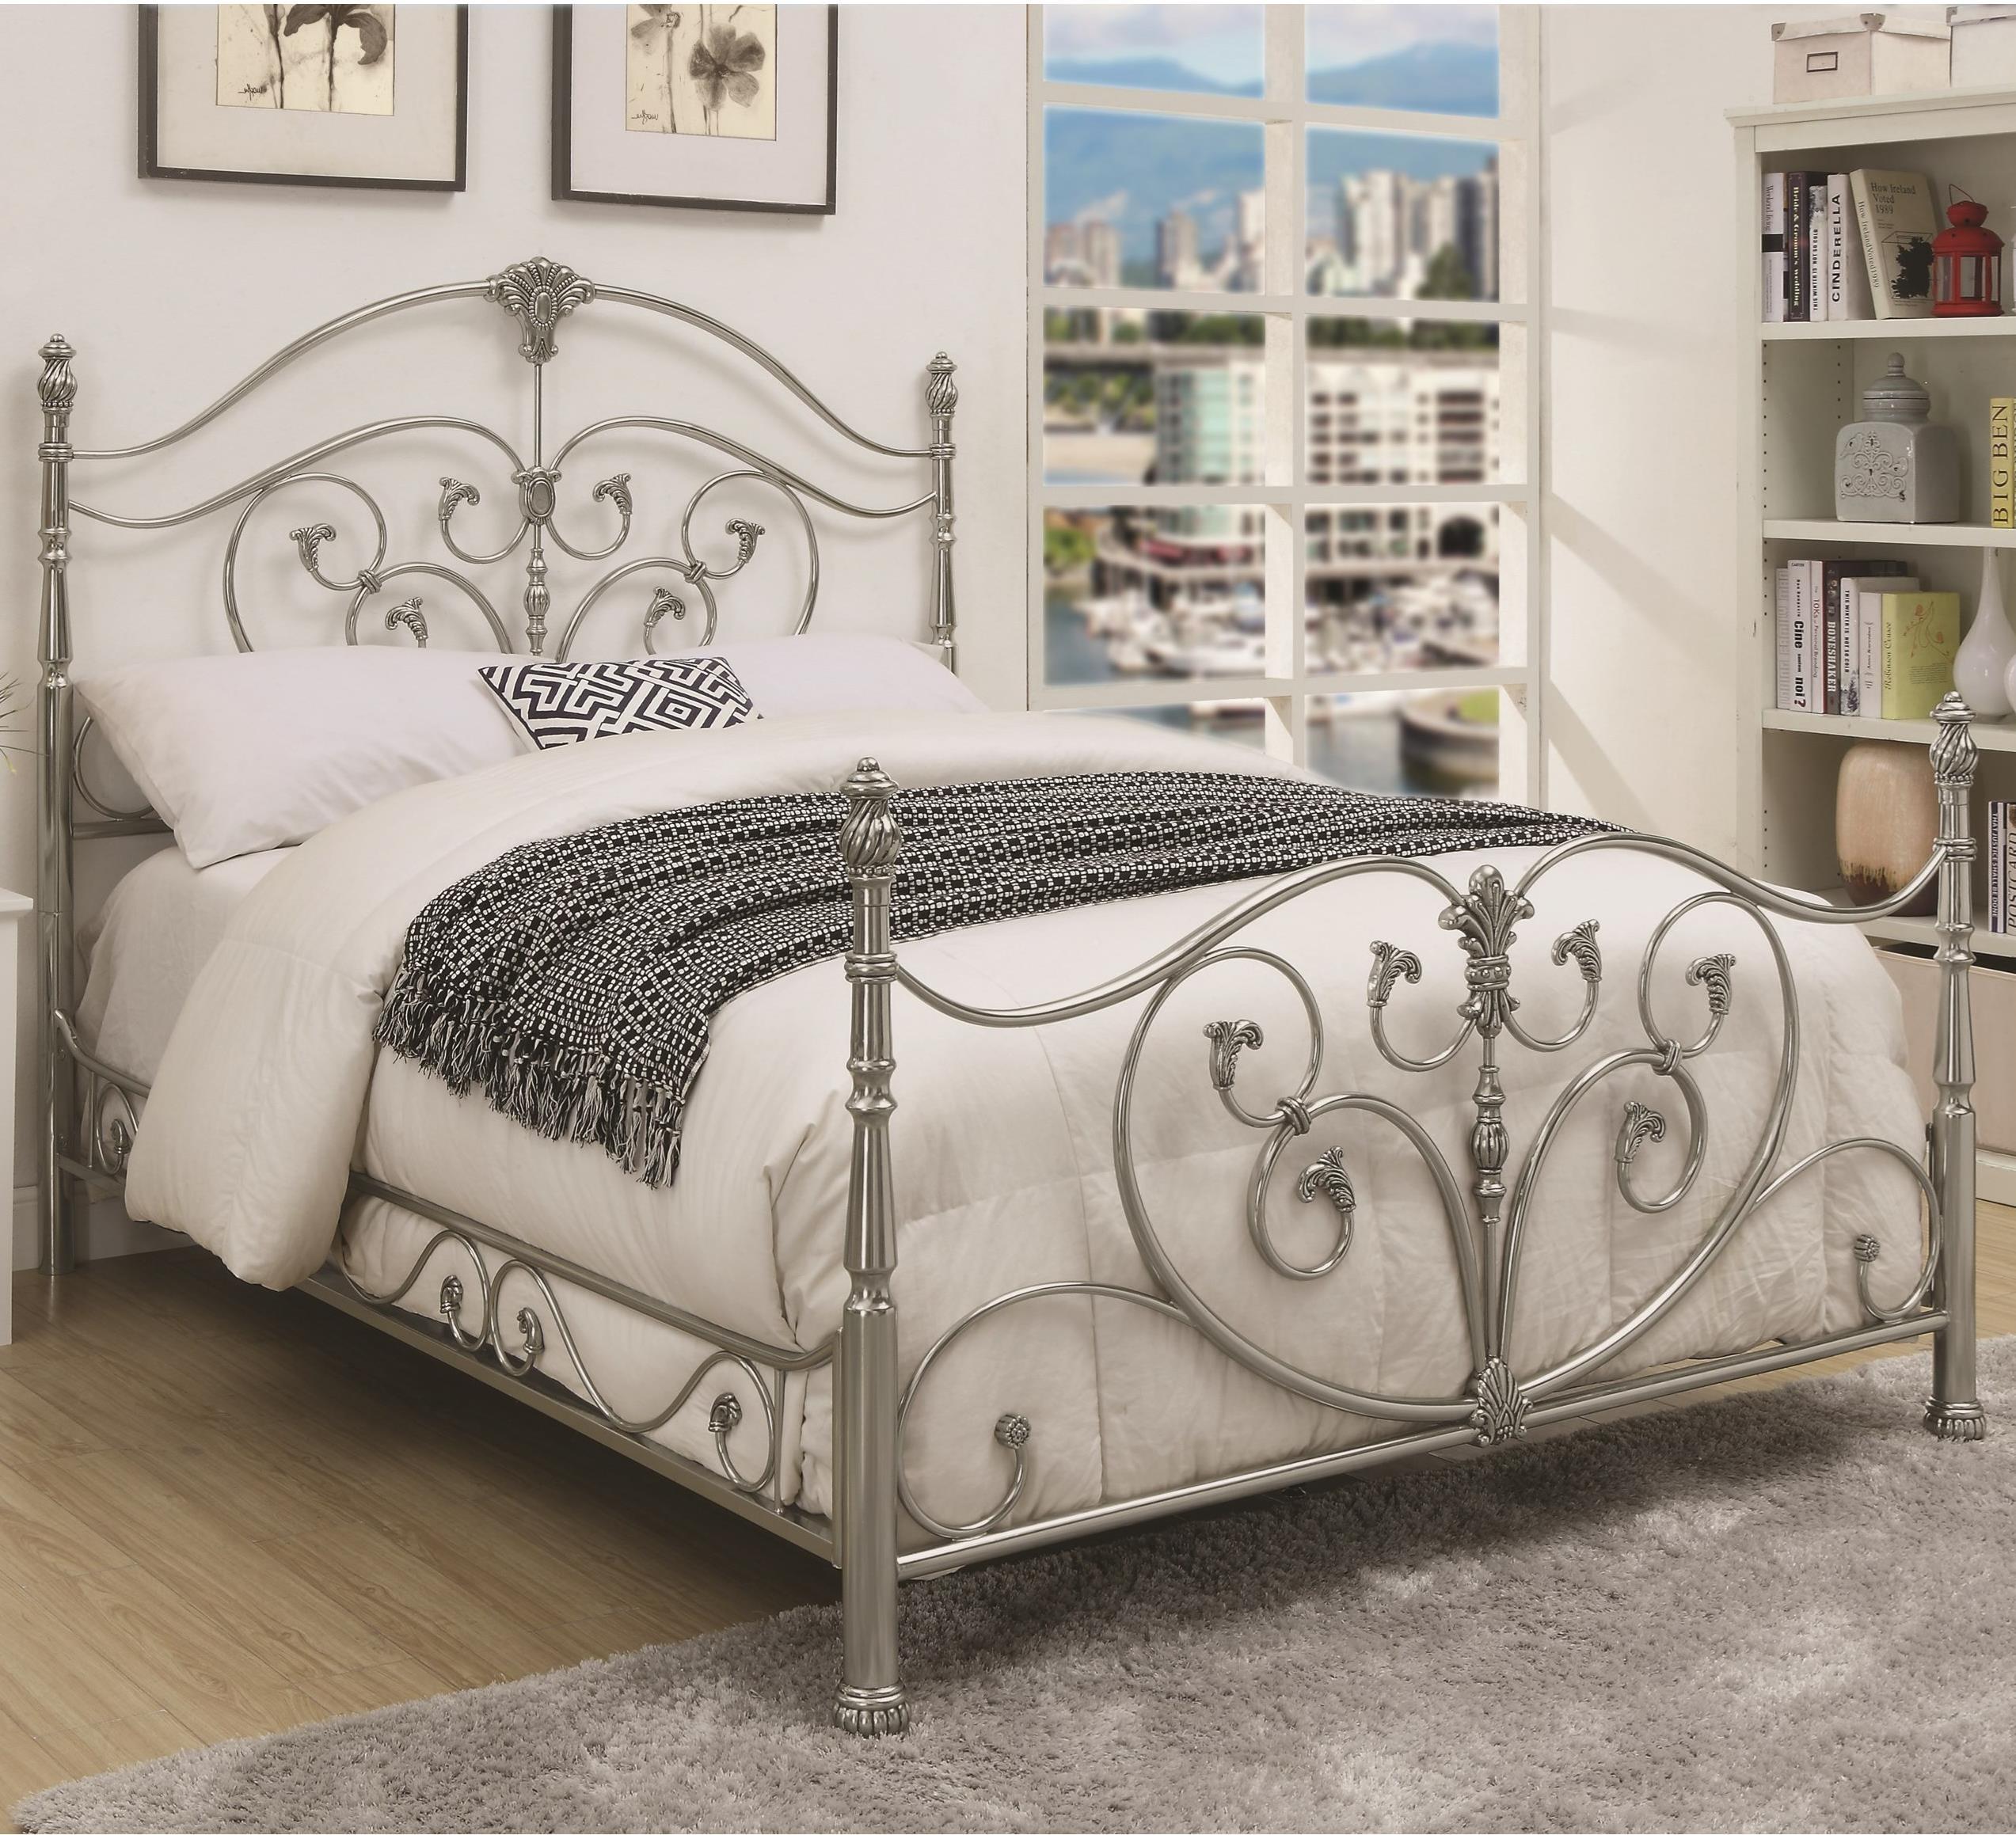 Coaster EvitaQueen Metal Bed